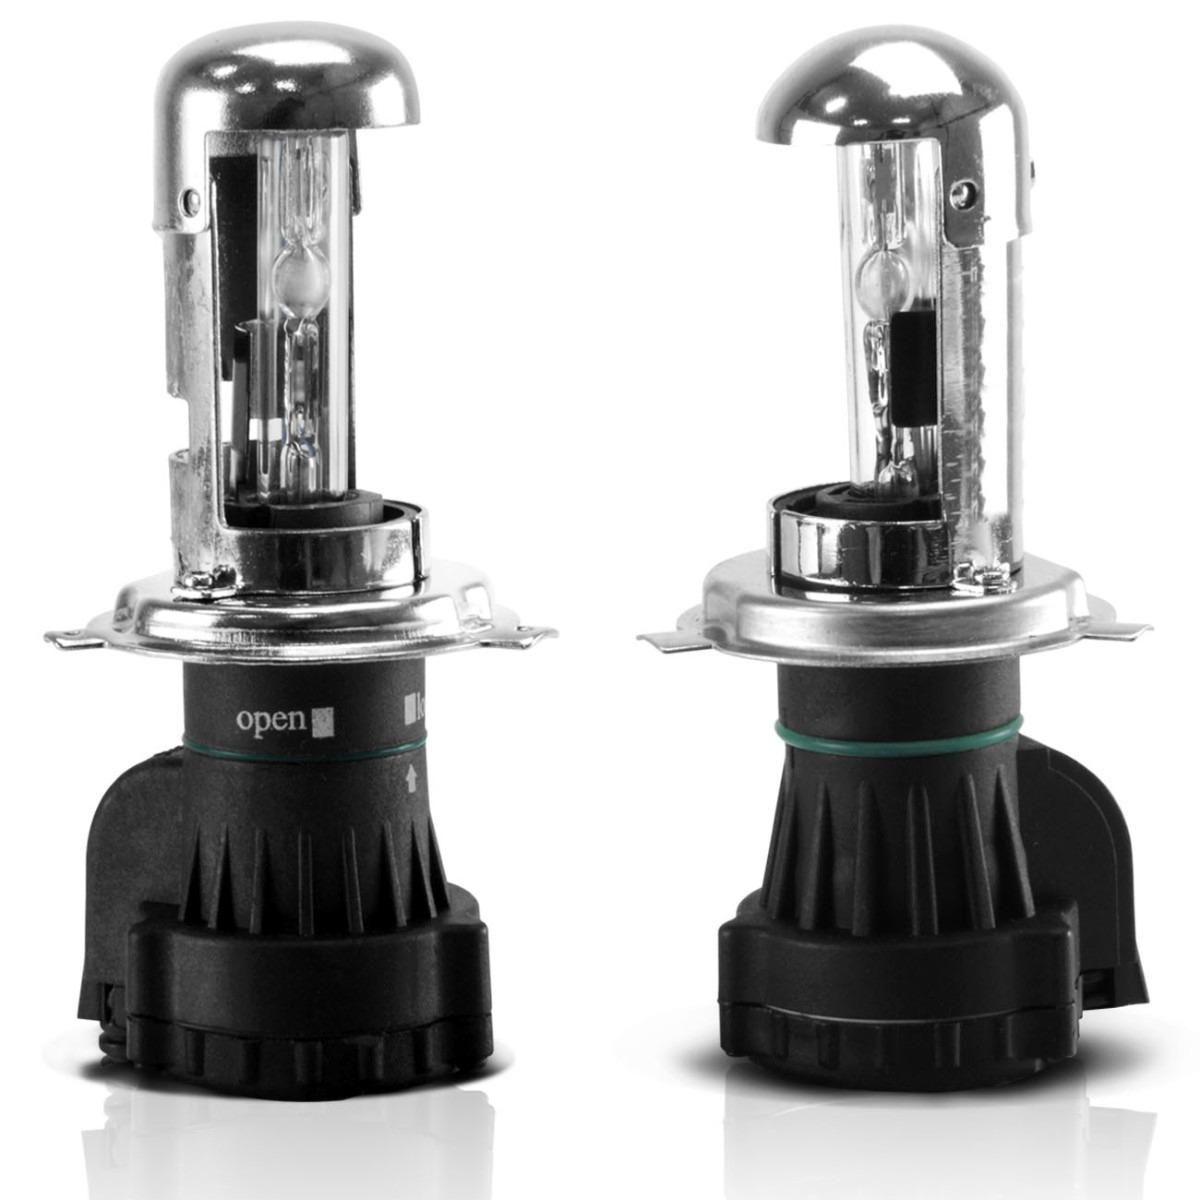 ampoule xenon france xenon H4-3 métallique